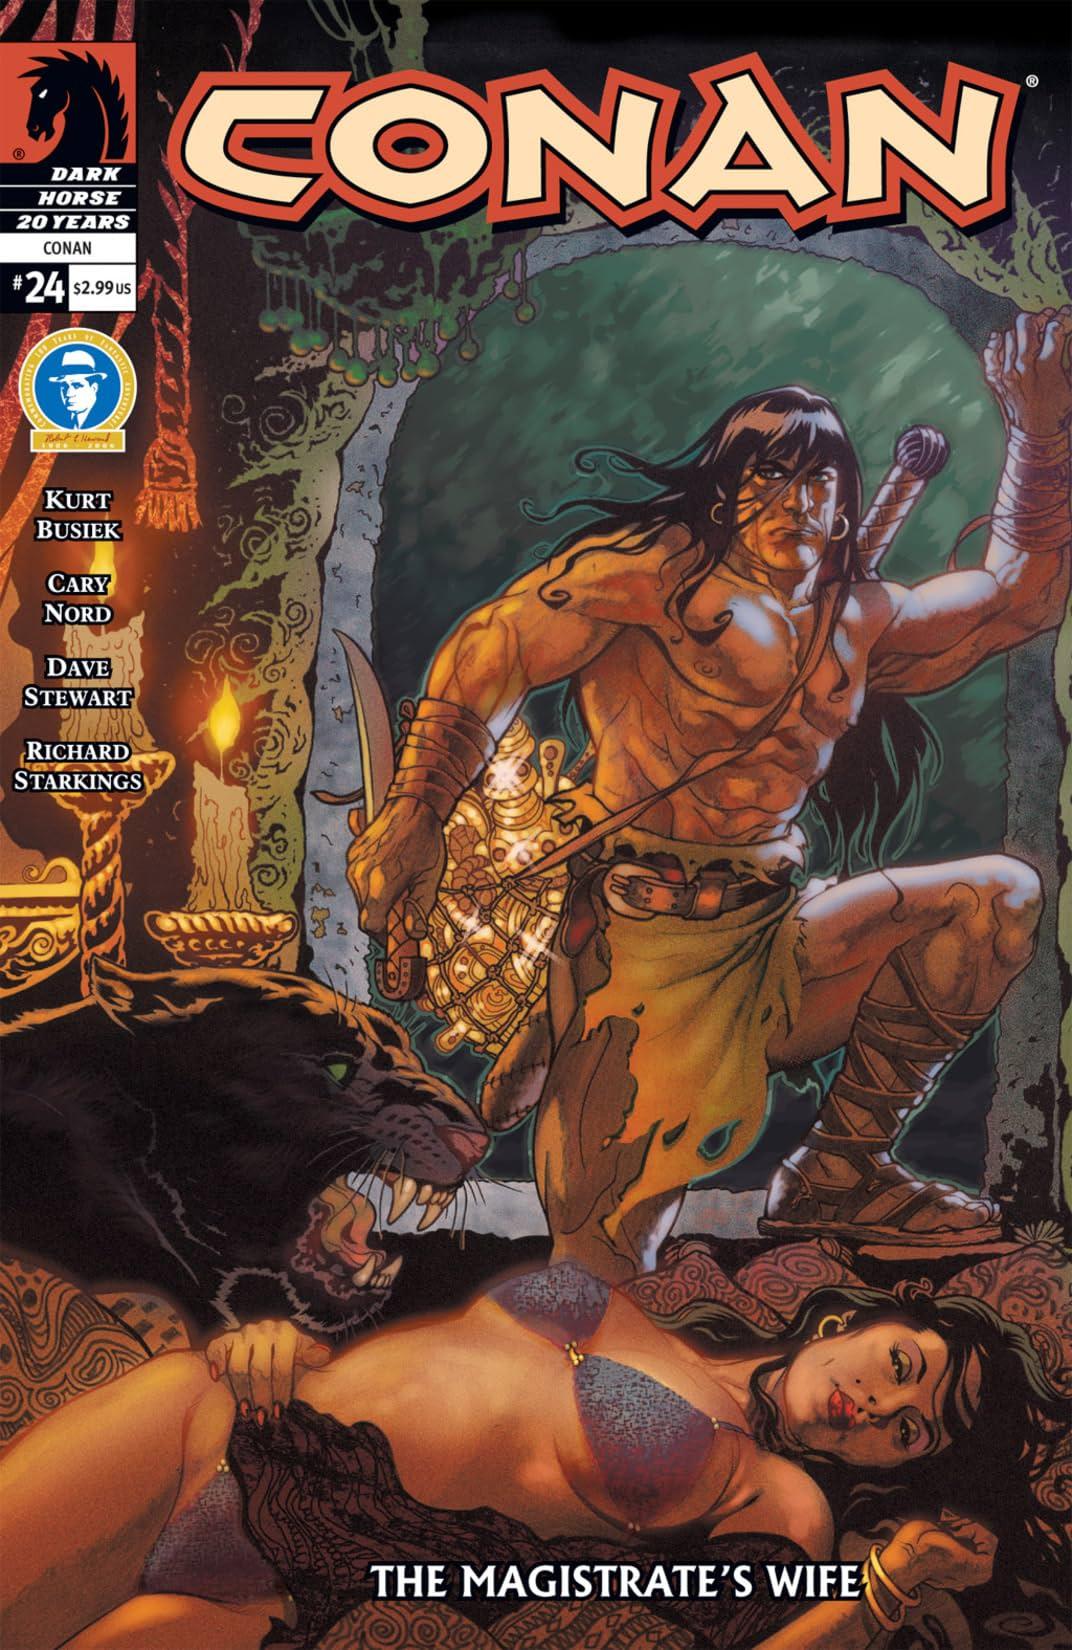 Conan #24